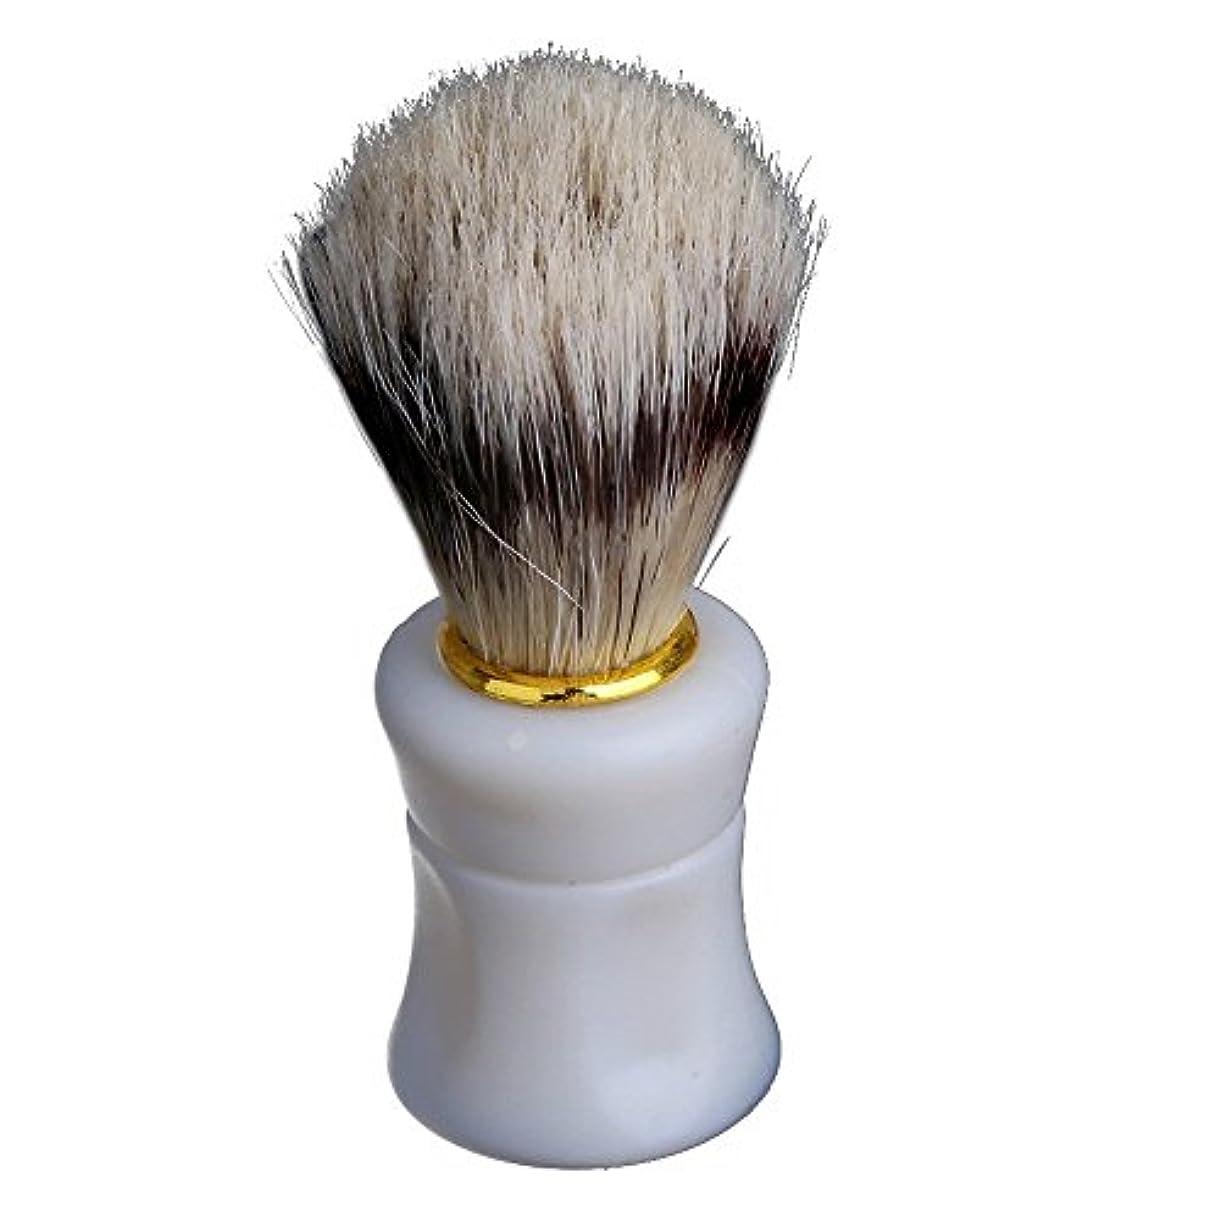 待つ父方の獲物ビアブラシ,SODIAL(R) 1個シェイビングシェービングブラシプラスチック製のハンドル+ブタの猪毛皮のひげの口ひげのブラシホワイト